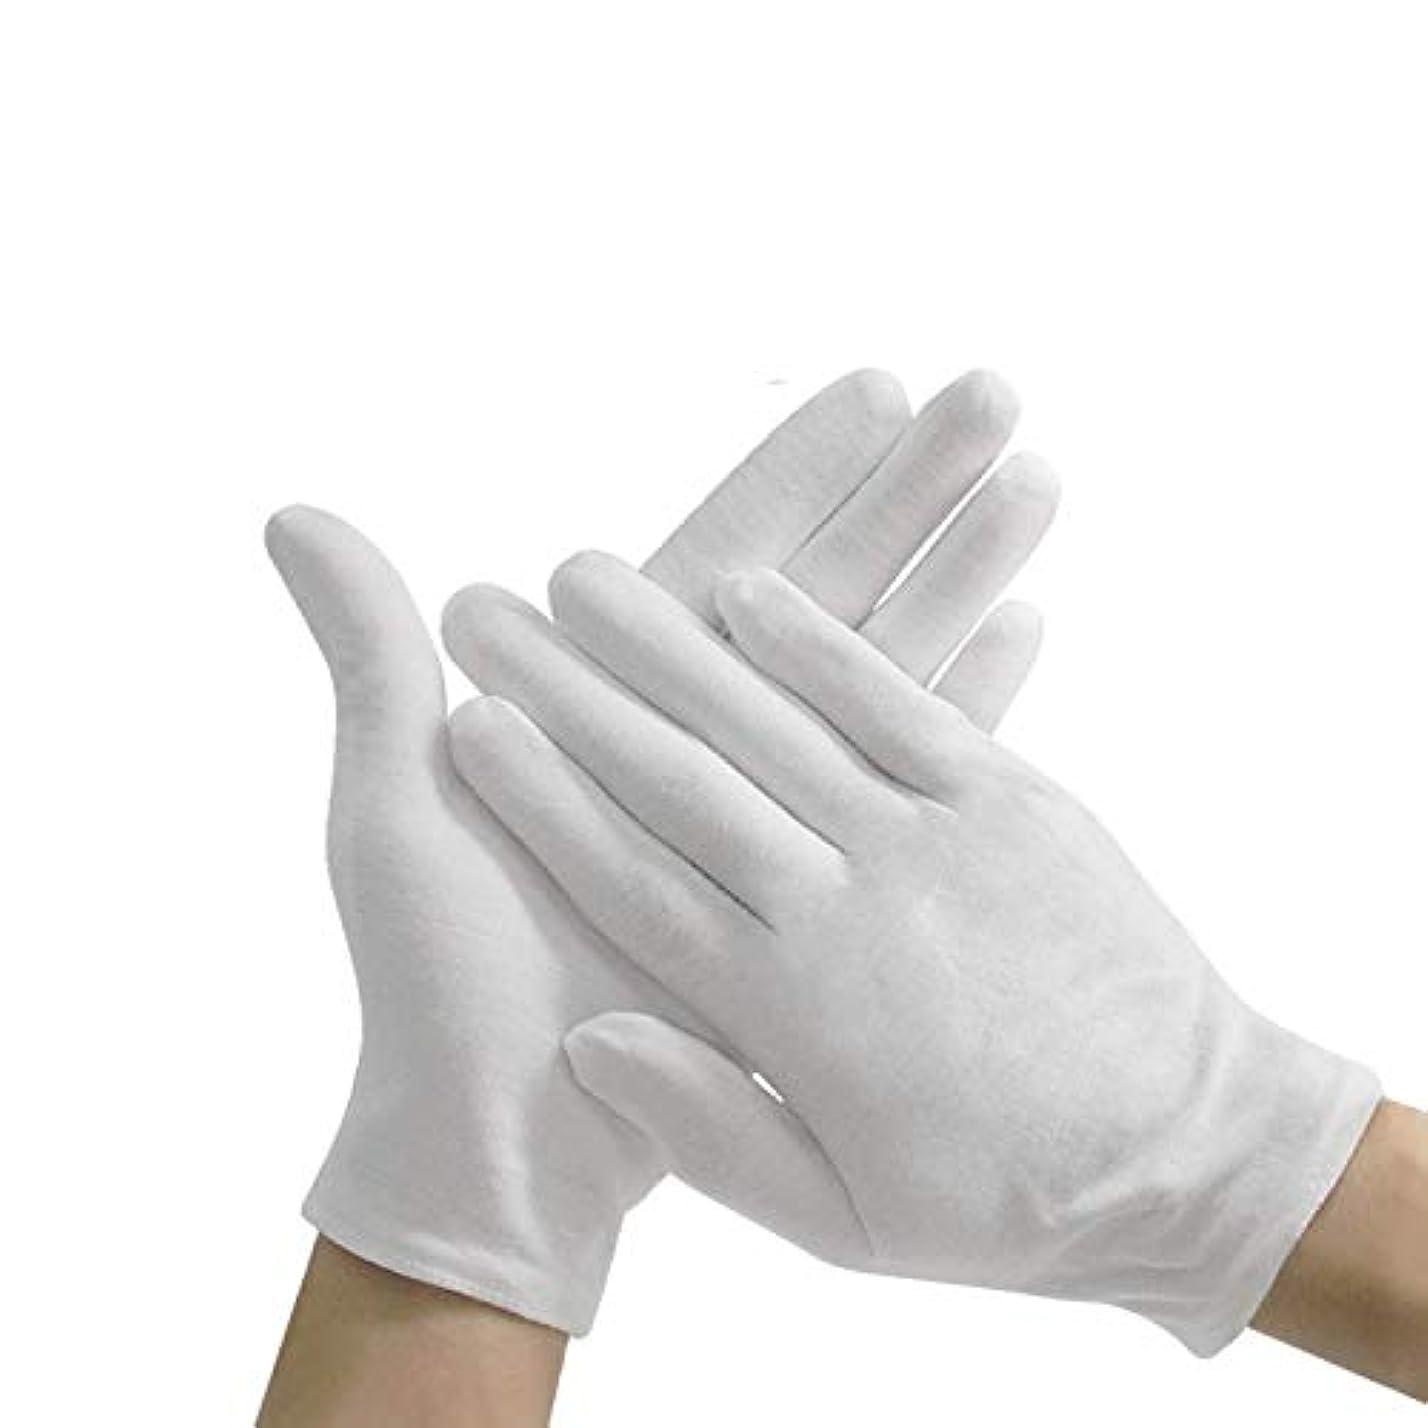 コットン手袋 純綿100%耐久性が強い上に軽く高品質伸縮性通気性抜群 白 12双組